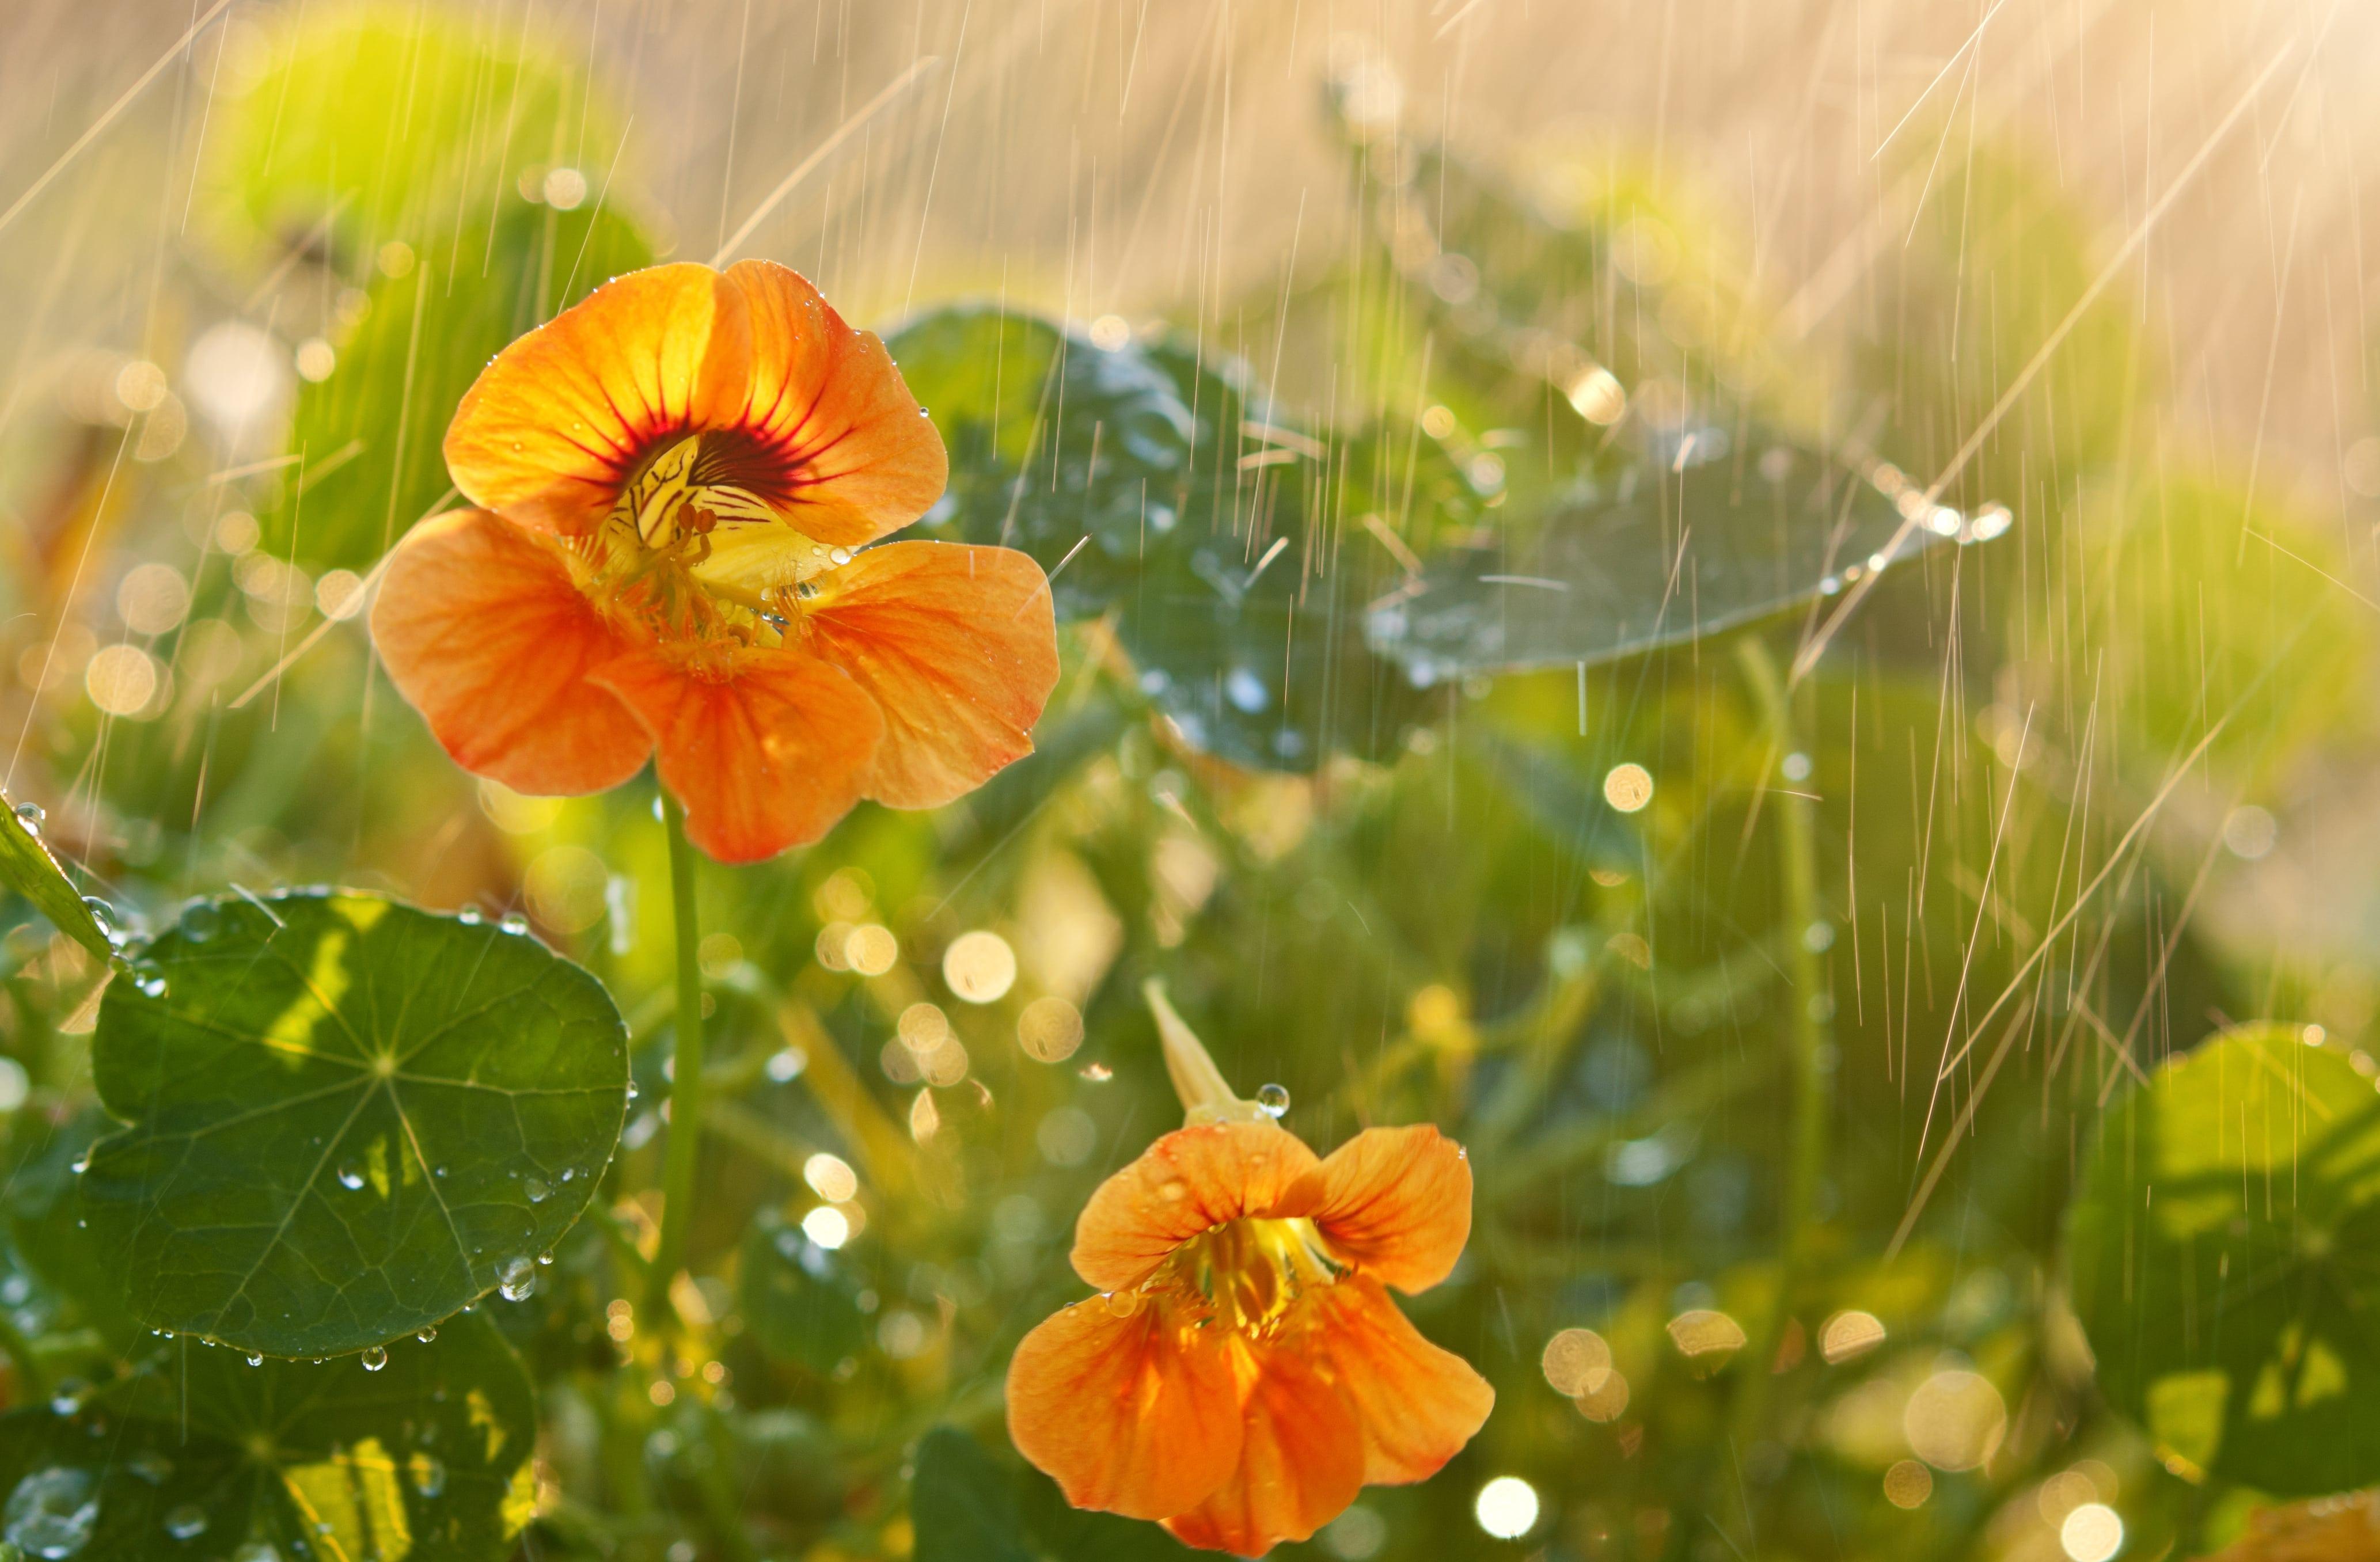 オレンジの胡蝶蘭